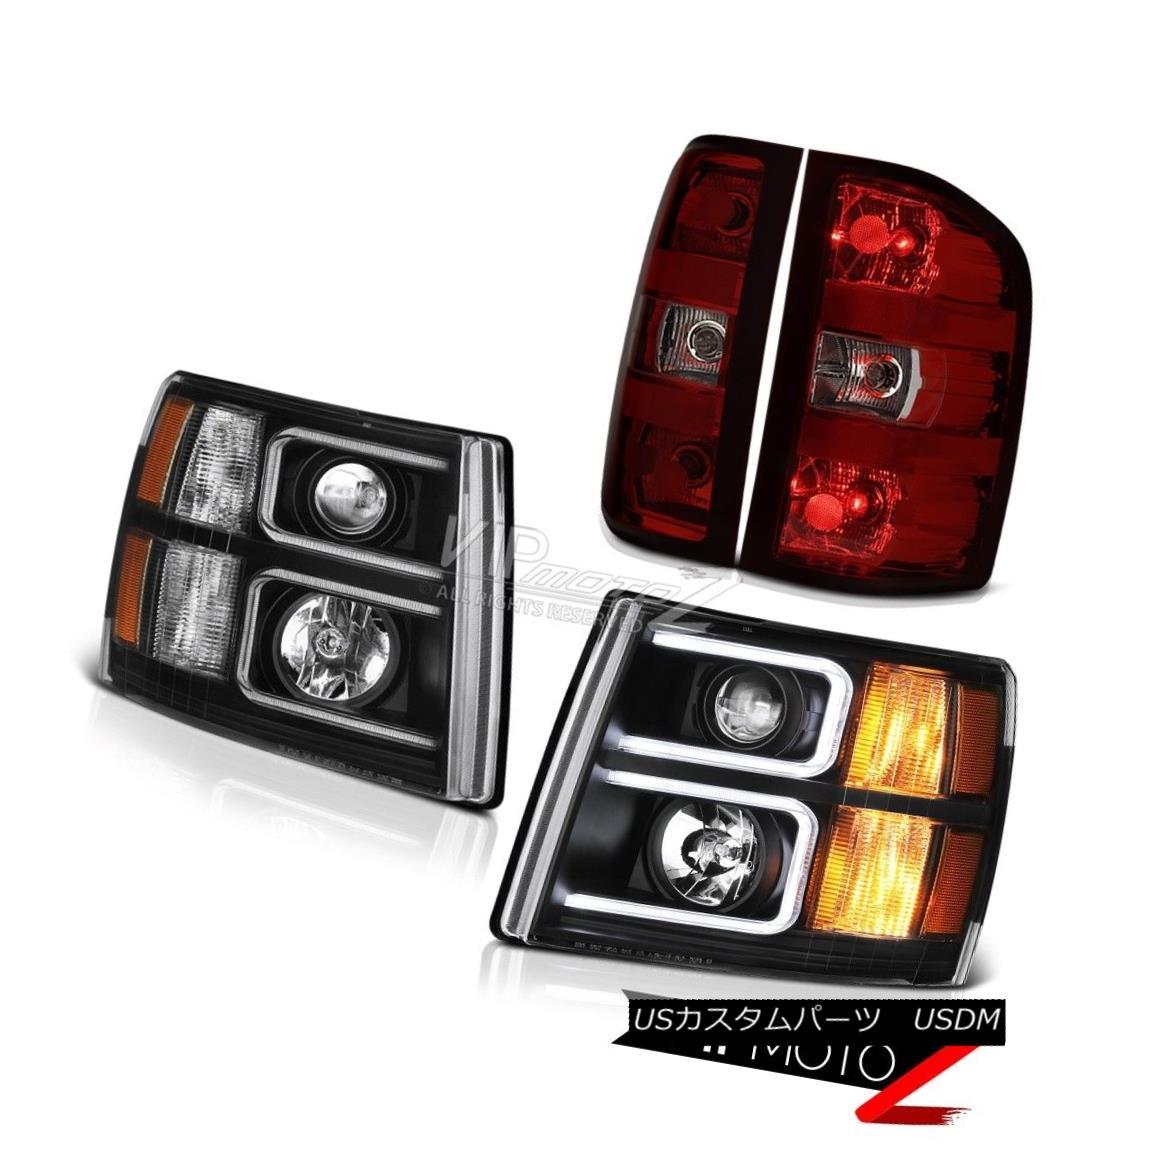 ヘッドライト 2007-2013 Silverado Inky Black Projector Headlamps Red Smoke Rear Brake Lights 2007-2013 Silverado Inky Blackプロジェクターヘッドランプ赤い煙の後部ブレーキライト